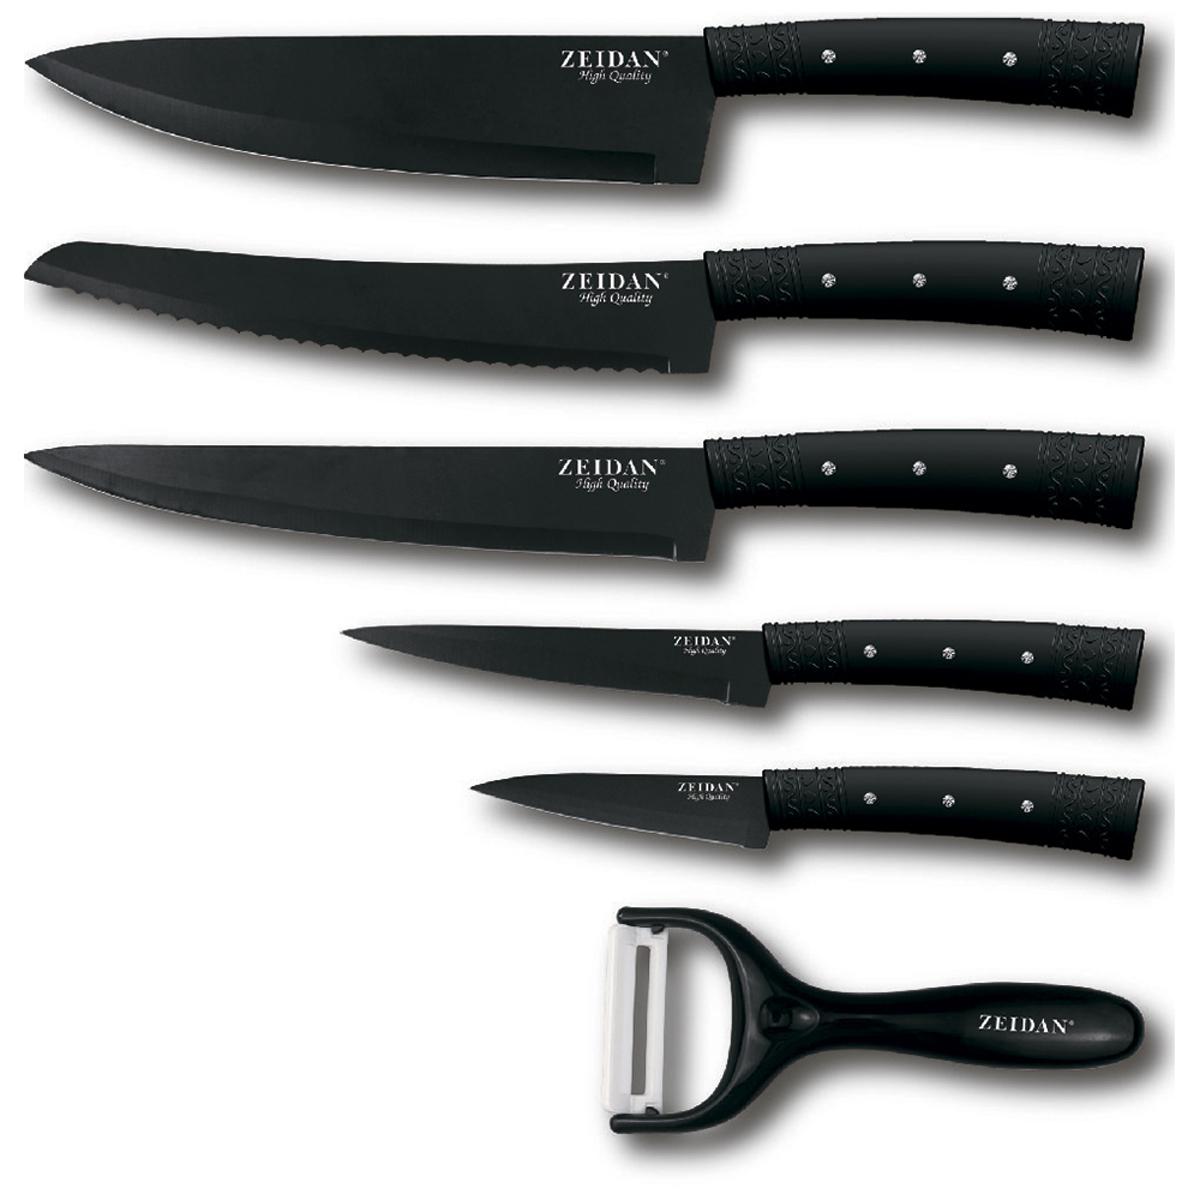 """Набор ножей ZEIDAN Z-3088, 7 предметов, лезвия с антибактериальным покрытием (поварской нож -1,5mm/8"""", нож для хлеба -1,5mm/8"""", нож -разделочный-1,5/8"""", универсальный нож -1,2mm/5"""", нож для овощей – 1,2mm/3,5"""", овощечистка с керамическим лезвием, ручки прорезиненные с камнями, подарочная упаковка - деревянный кейс."""